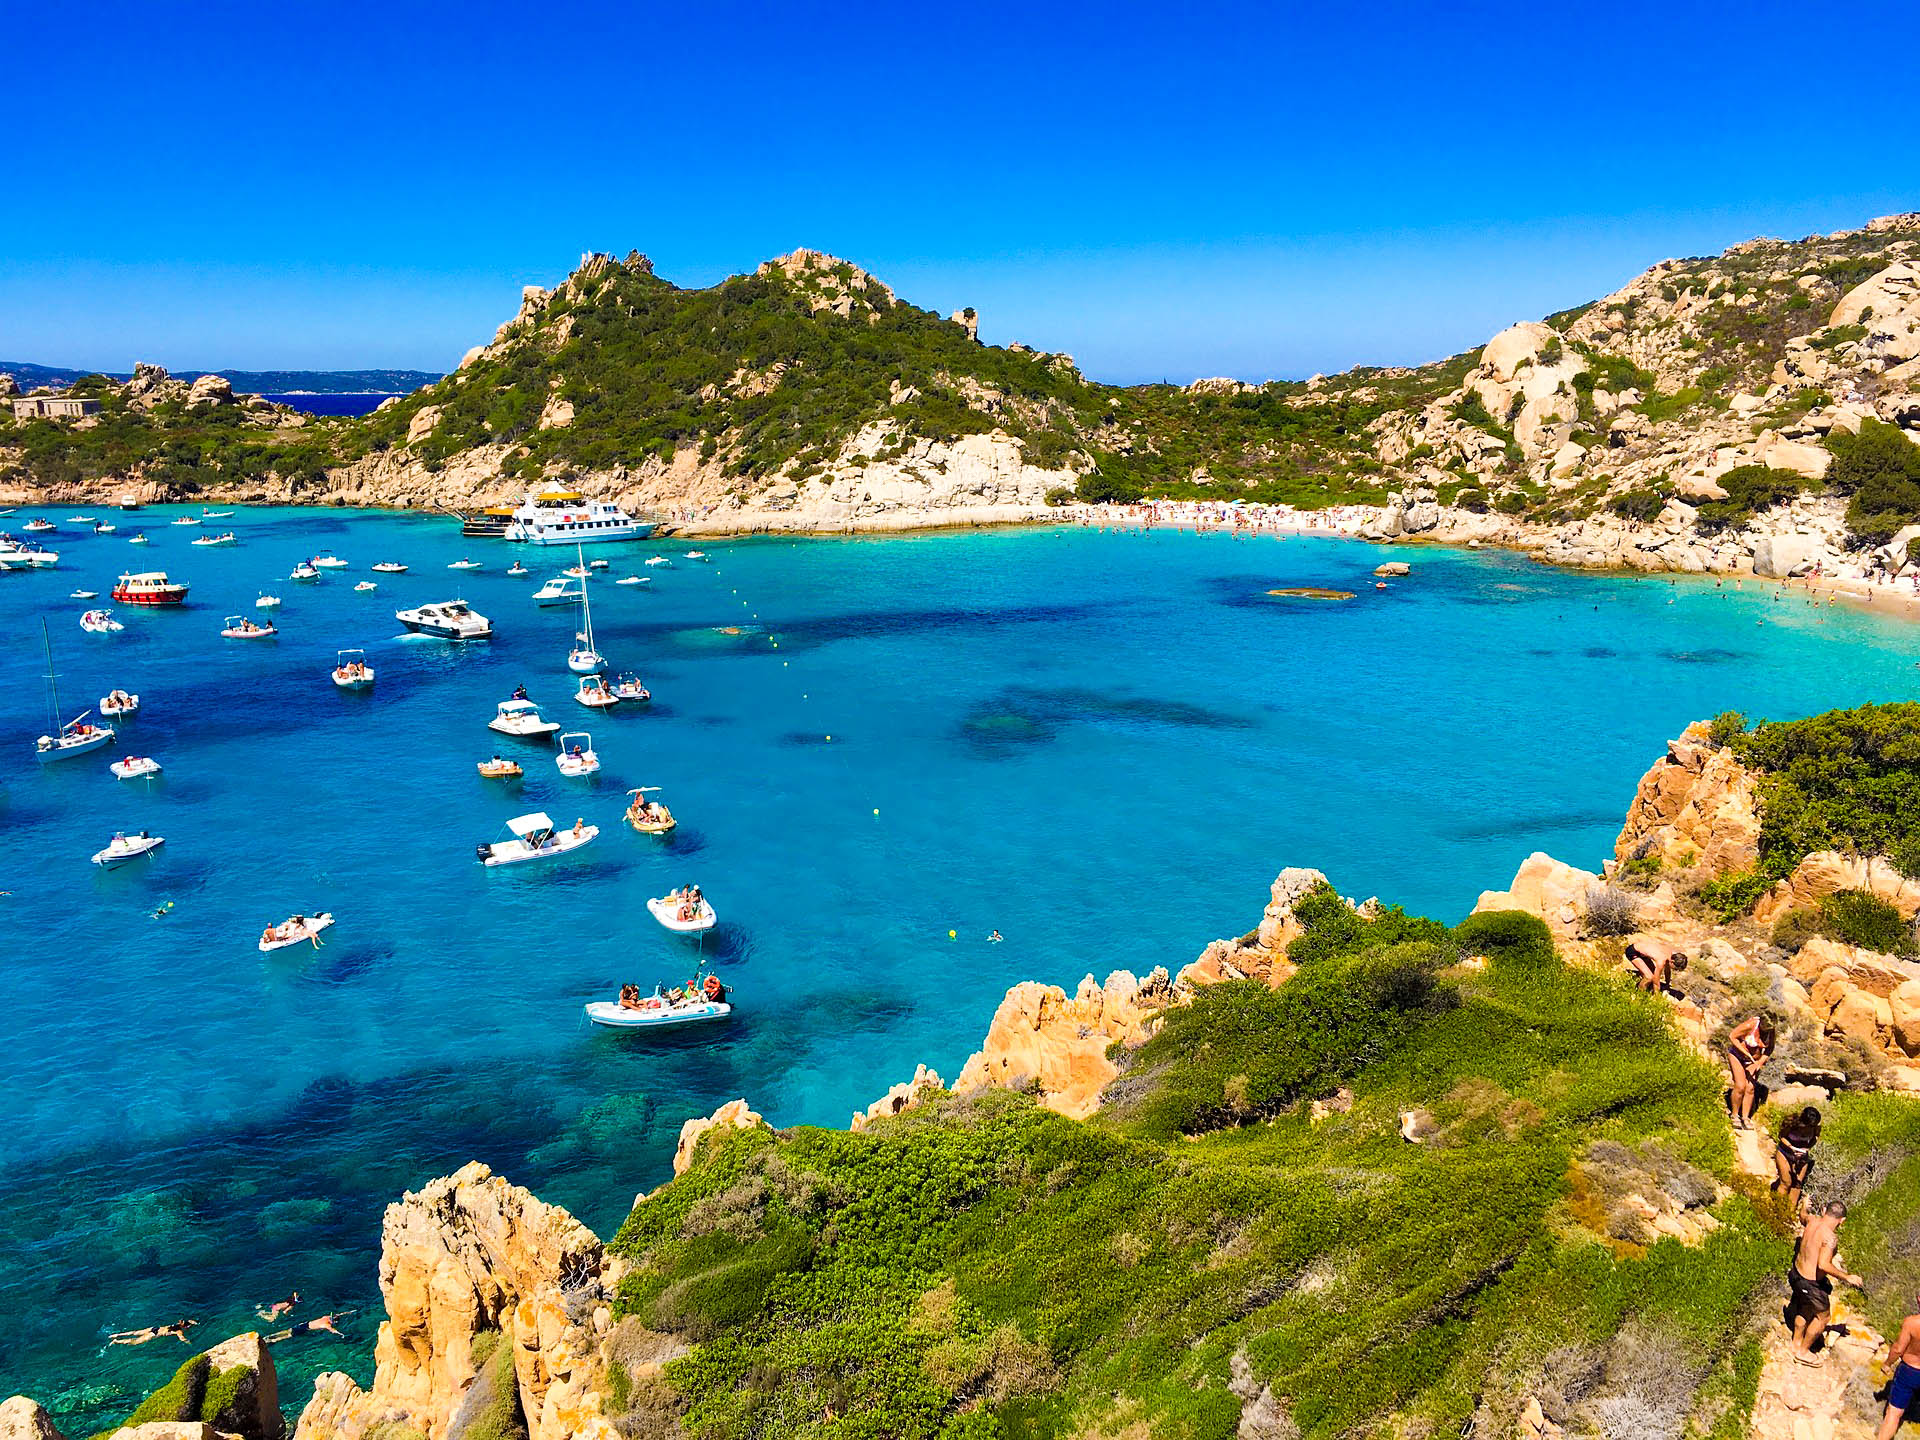 Італія Сардинія море